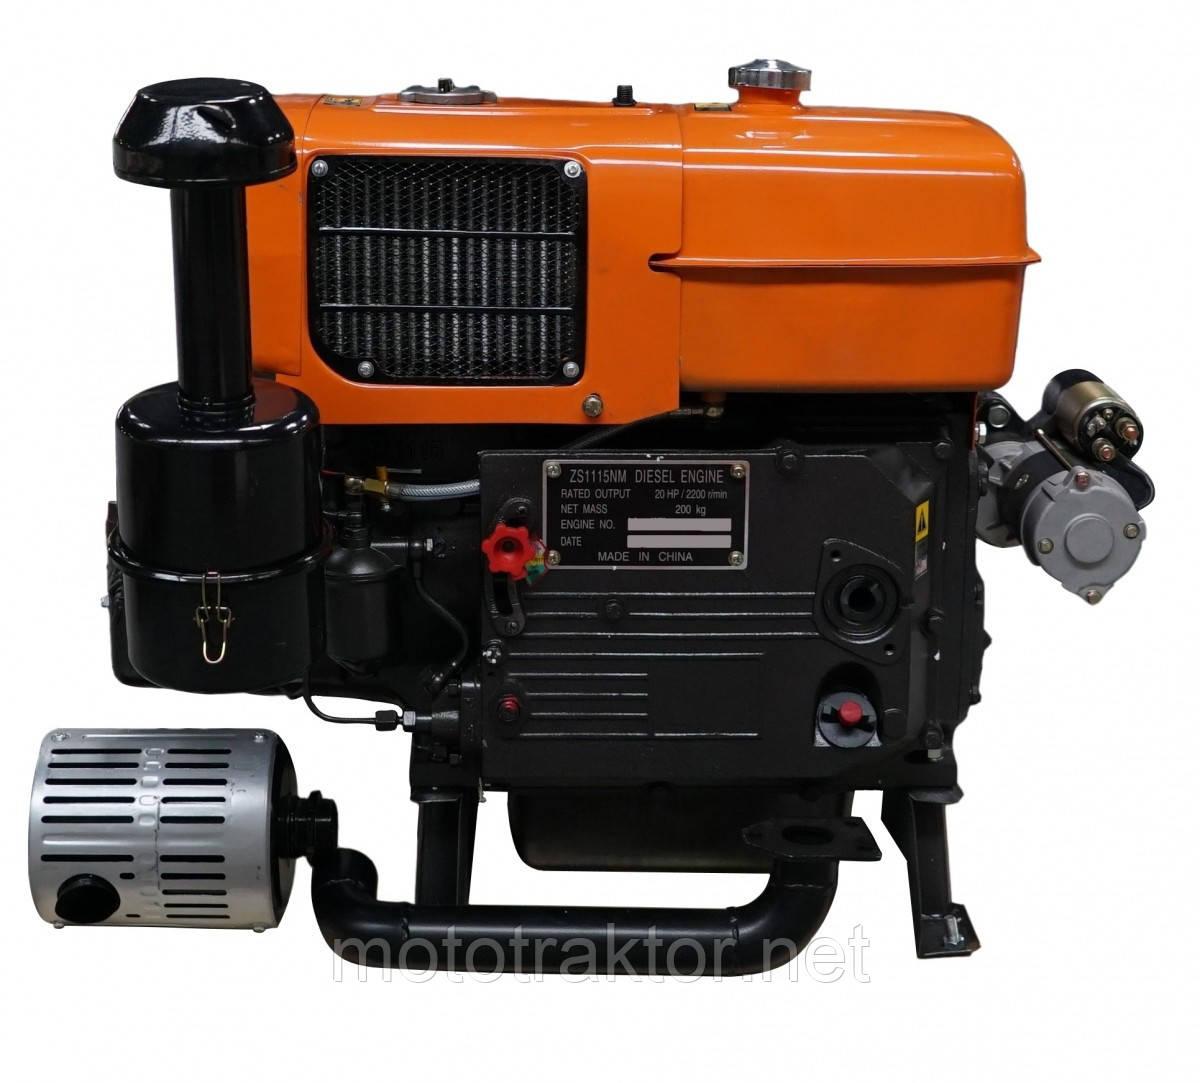 Двигатель Файтер ZS1115E 20л.с. с электростартером